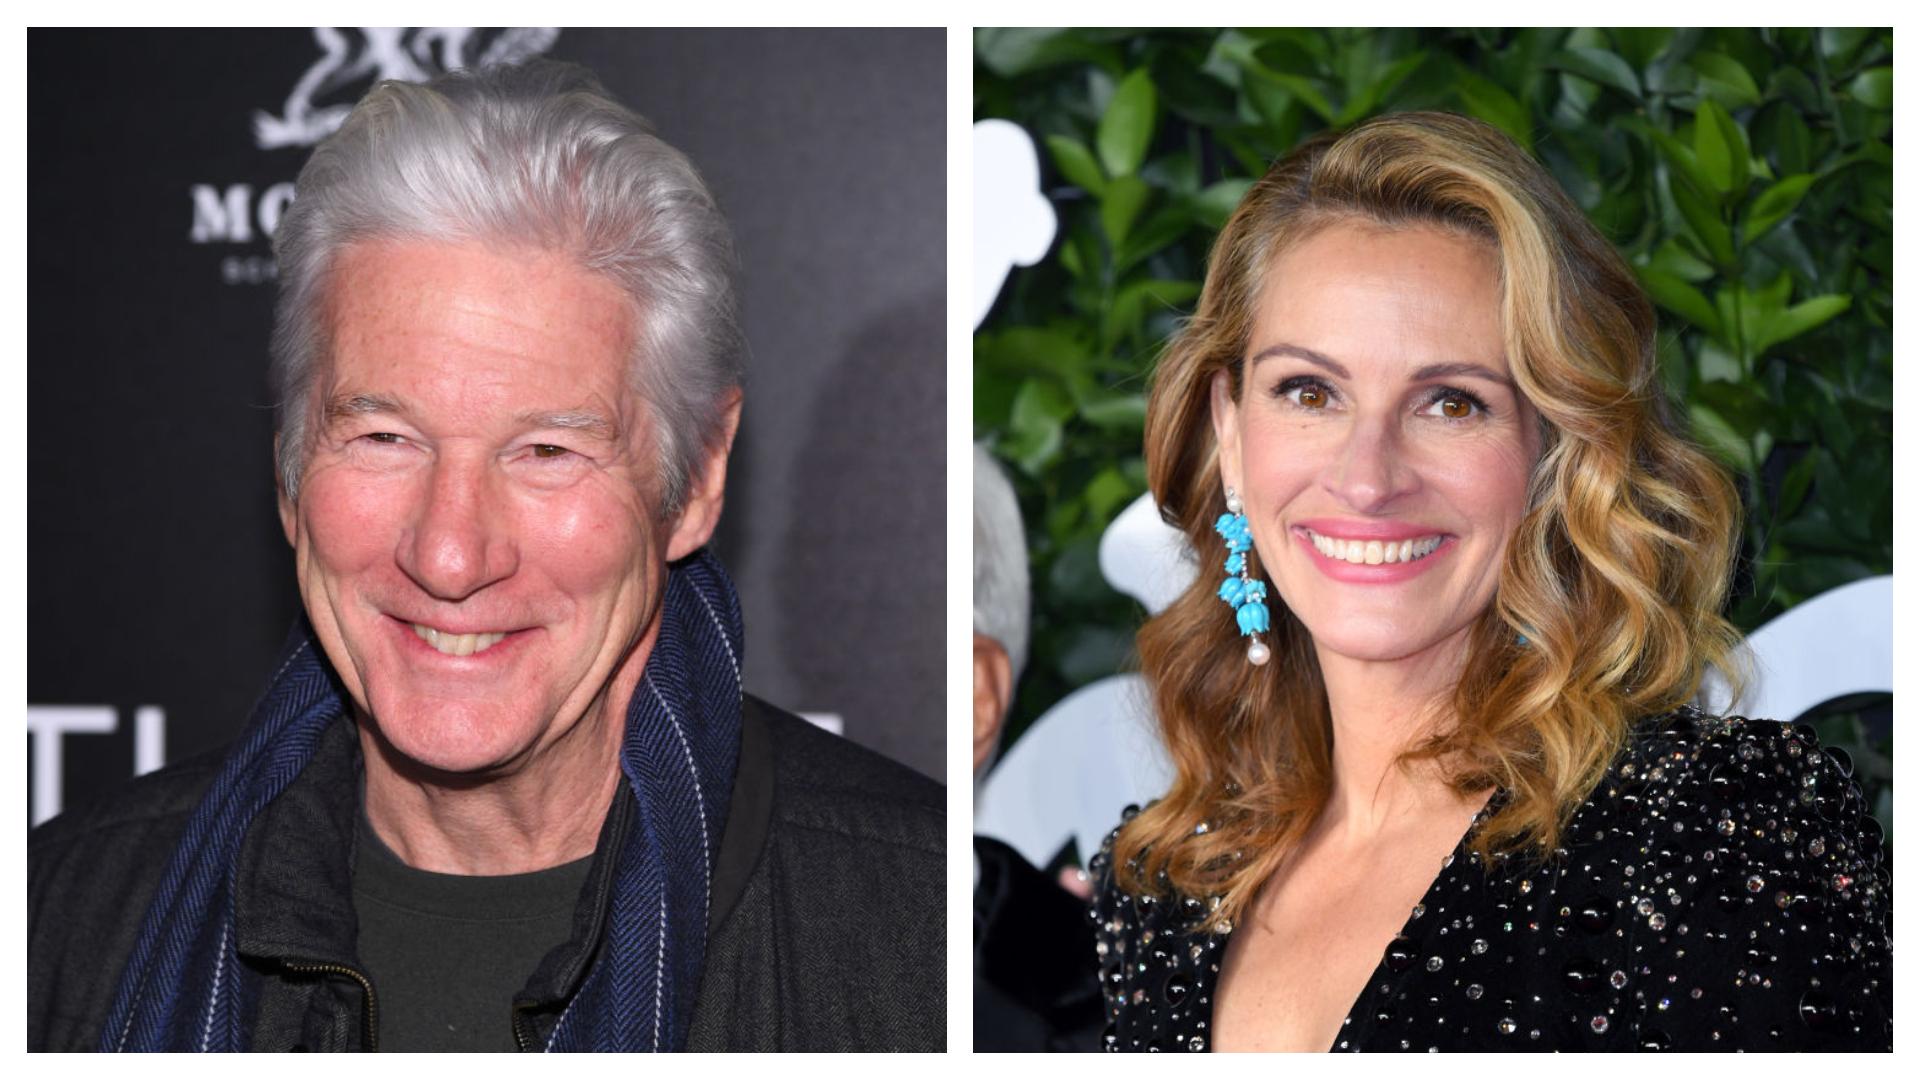 Richarde Gere ma már inkább joviális nagypapának néz ki, Julia Roberts viszont ragyog. (Fotók: Getty Images)